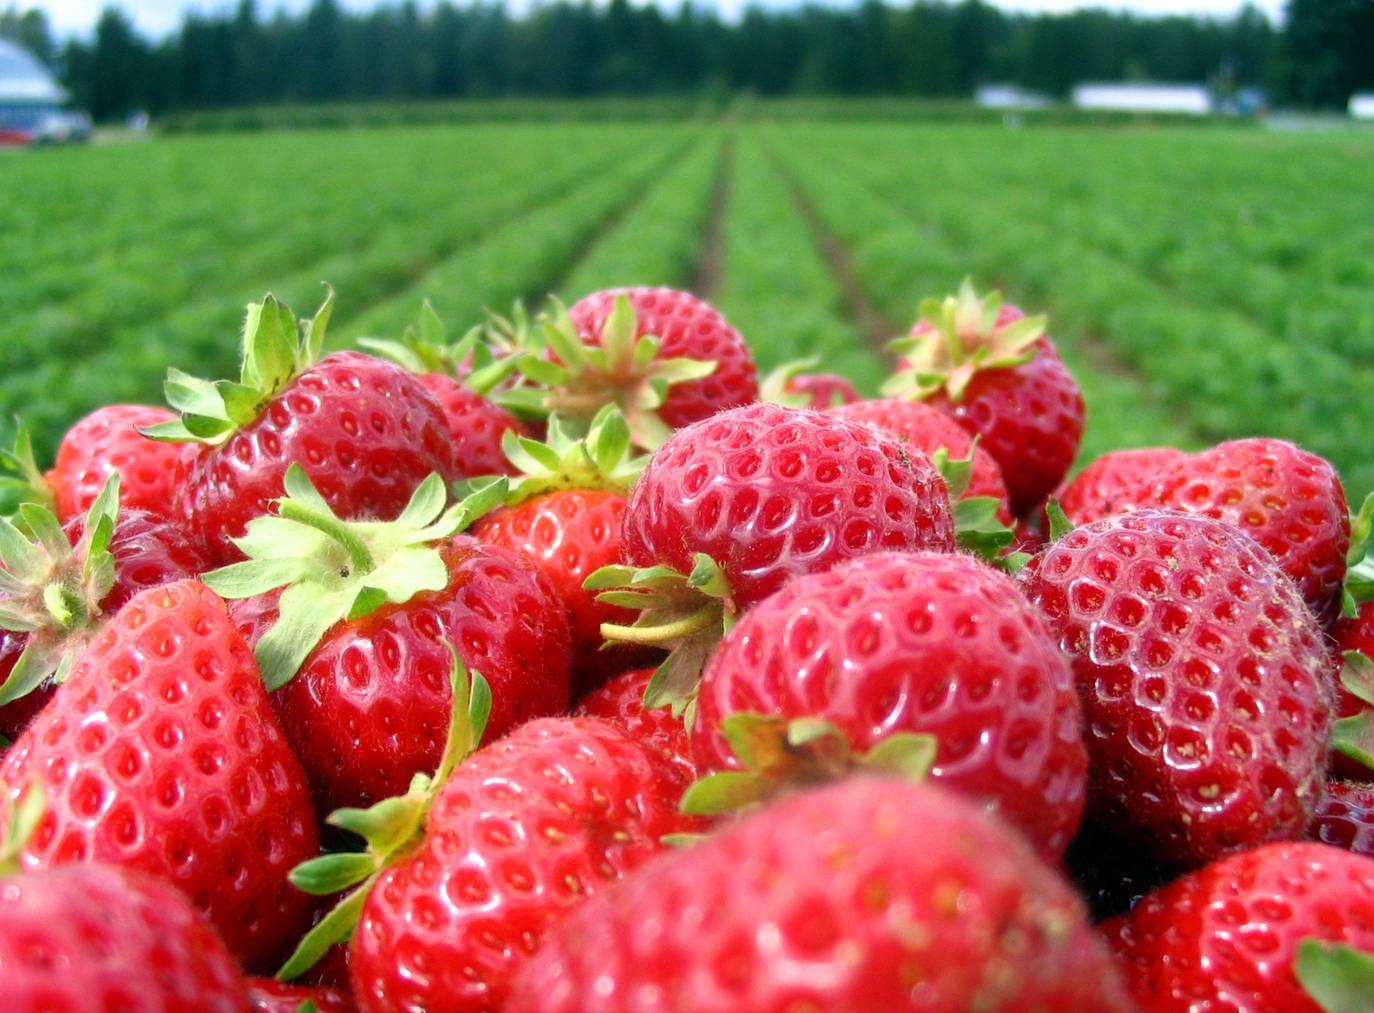 Die Erdbeerernte kann schon bald beginnen. (Bild: iStock)